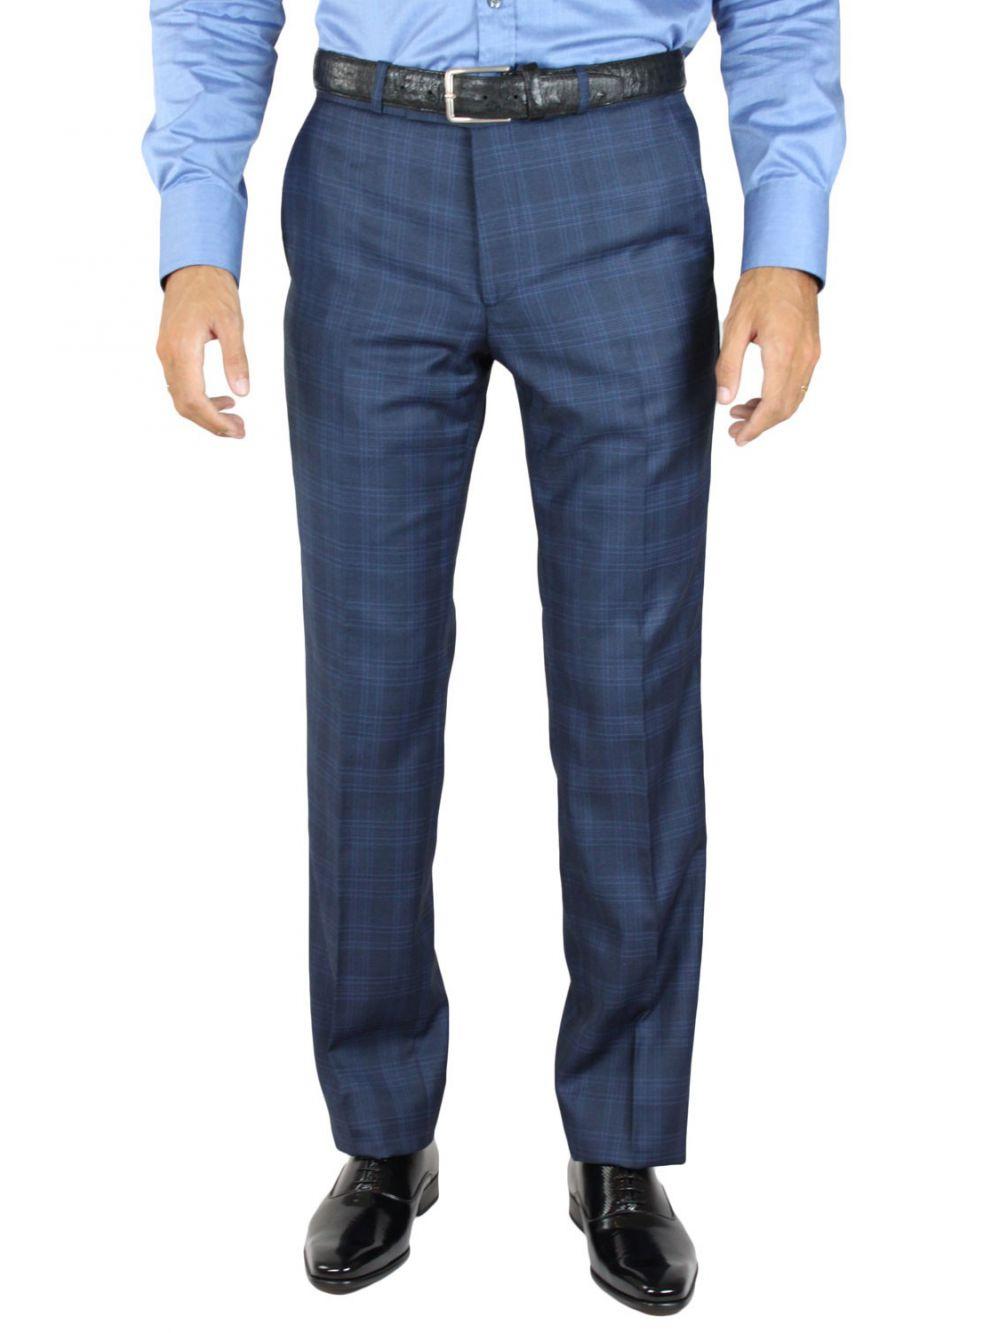 Pantalon Pdg Bleu